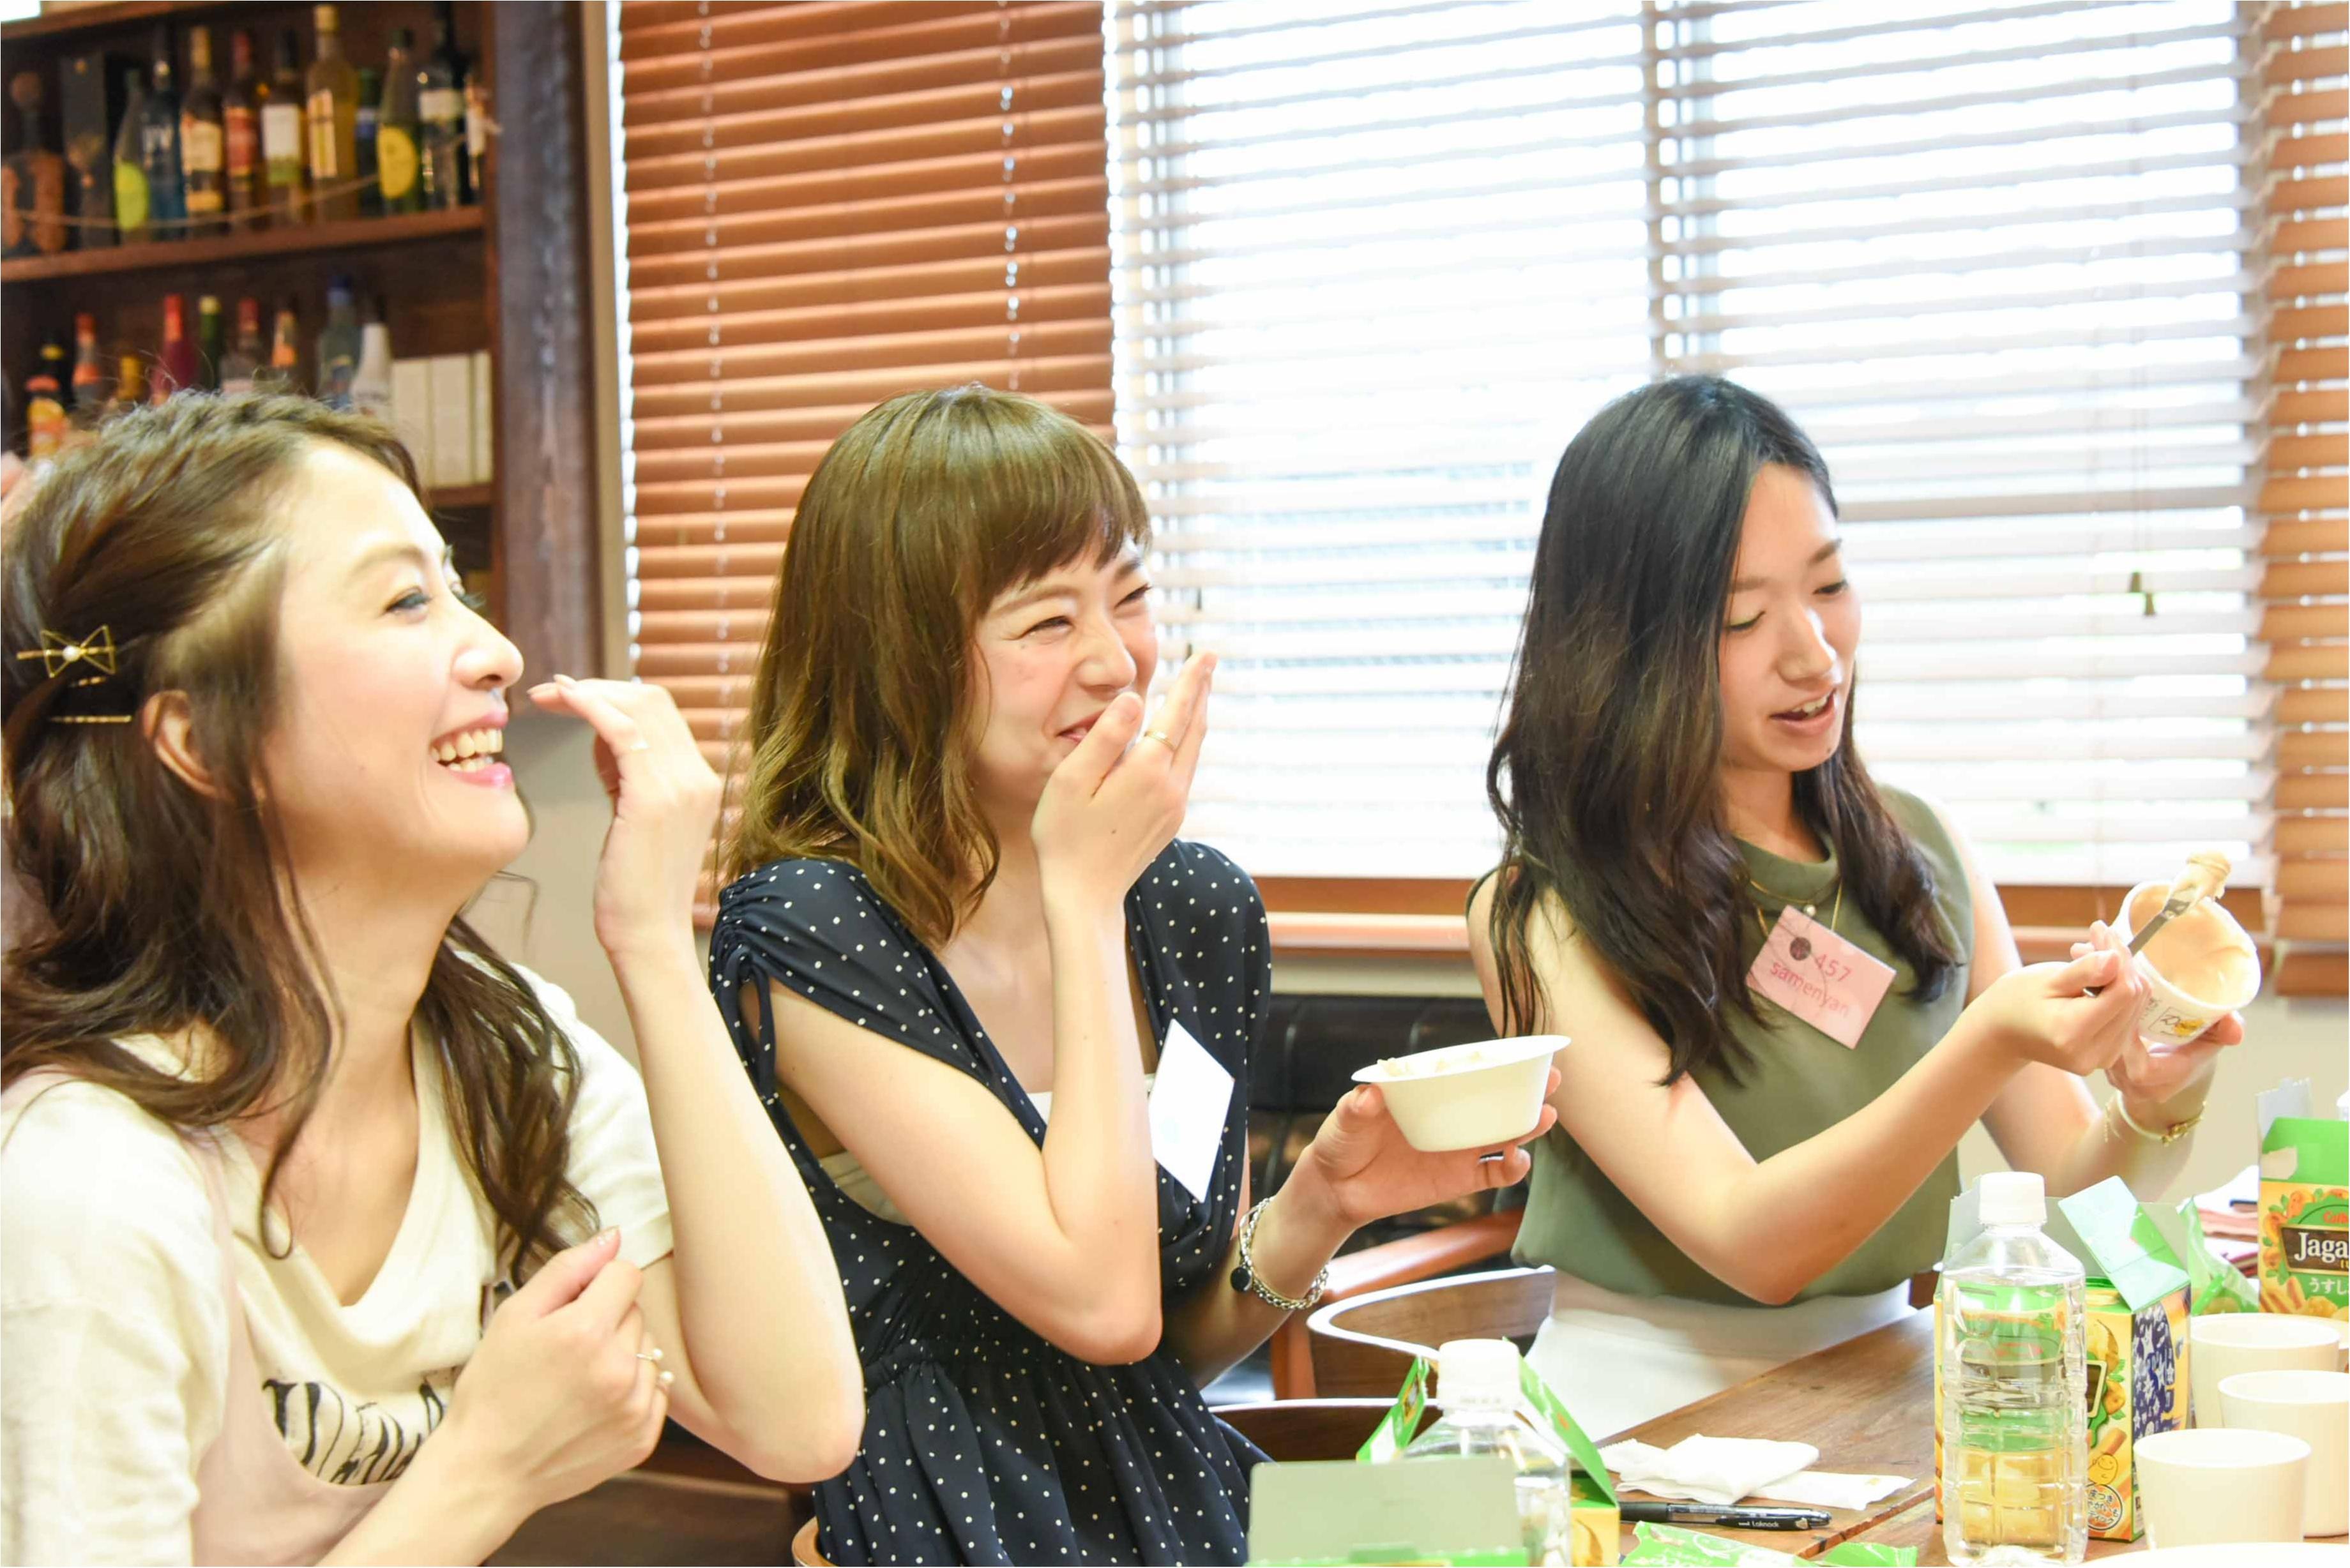 【「Jagabee×MORE」じゃが♥ハピプロジェクト】新しい味の研究をしつつ、 パッケージデザインのコンペも!_1